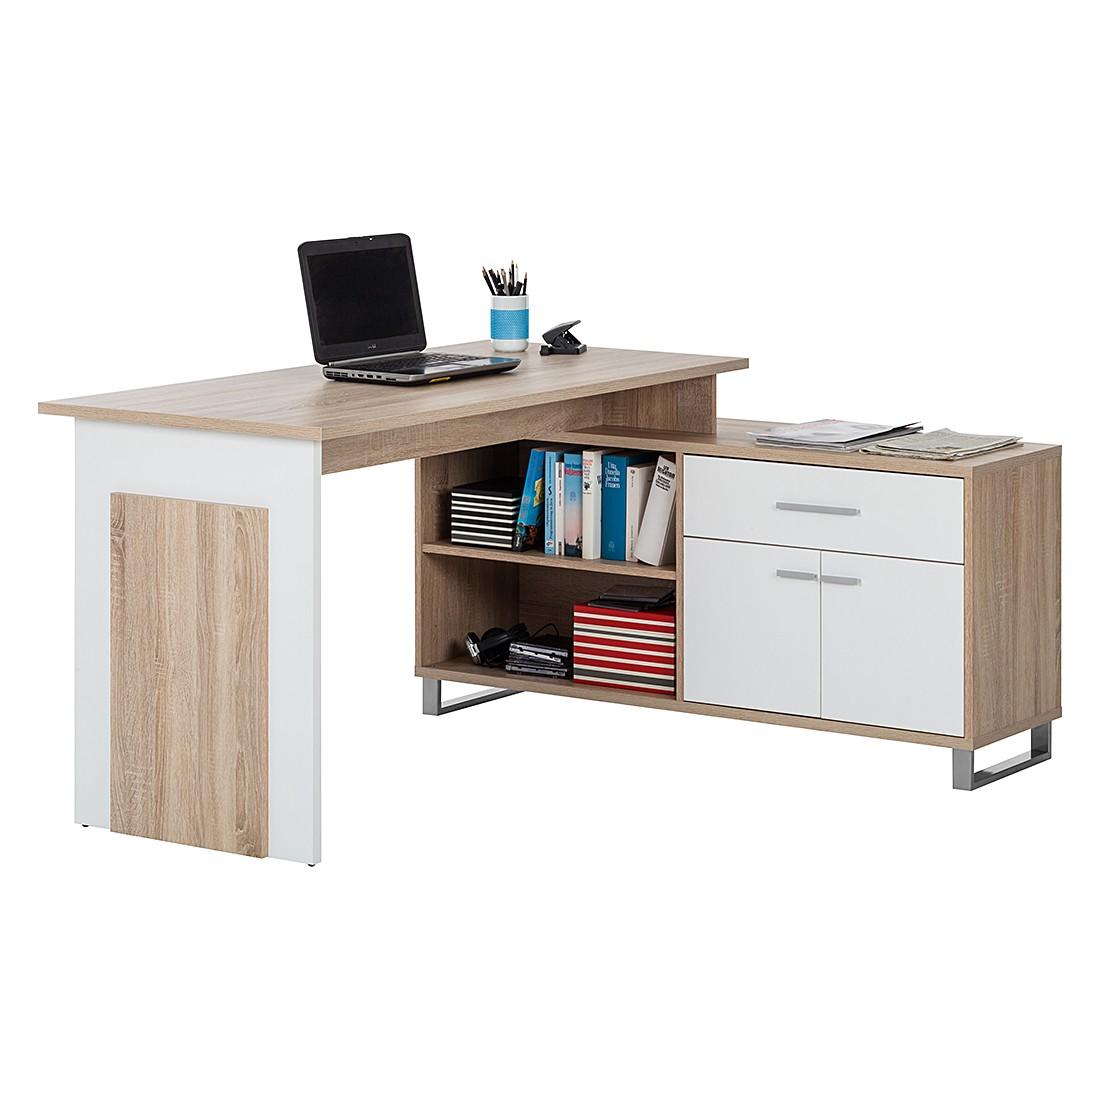 Bureau Maxim - eikenhoutkleurig/wit, home24 office